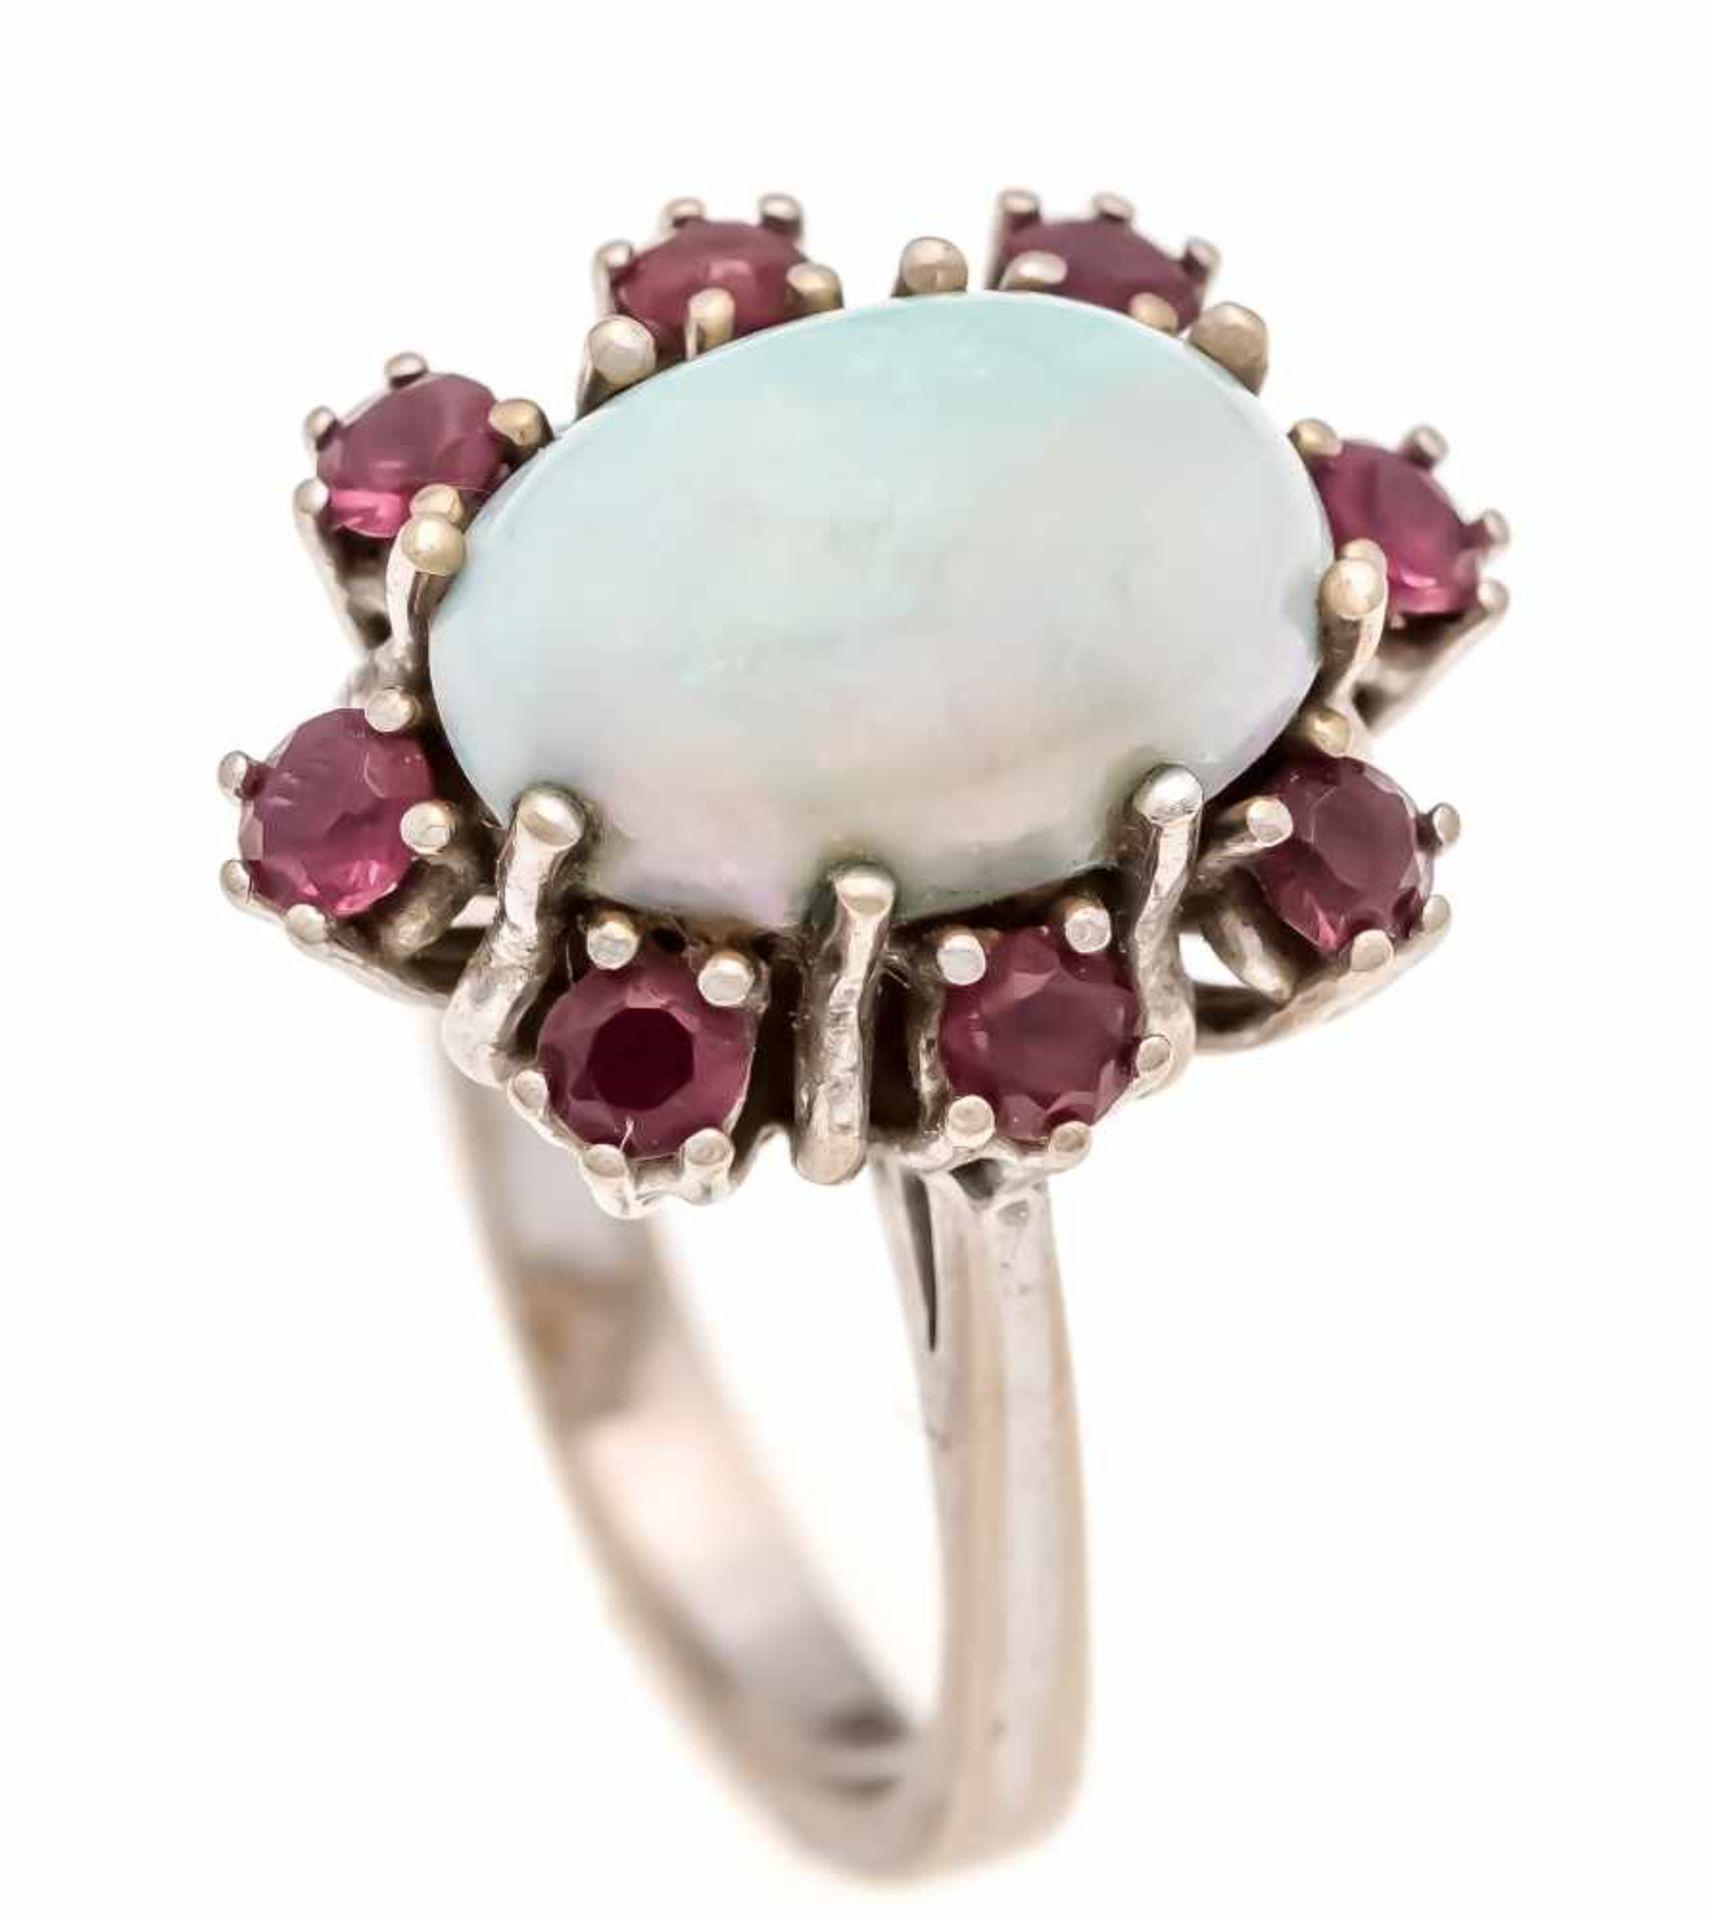 Opal-Rubin-Ring WG 585/000 mit einem ovalen Milchopalcabochon 13 x 9 mm mit gutemFarbenspiel und 8